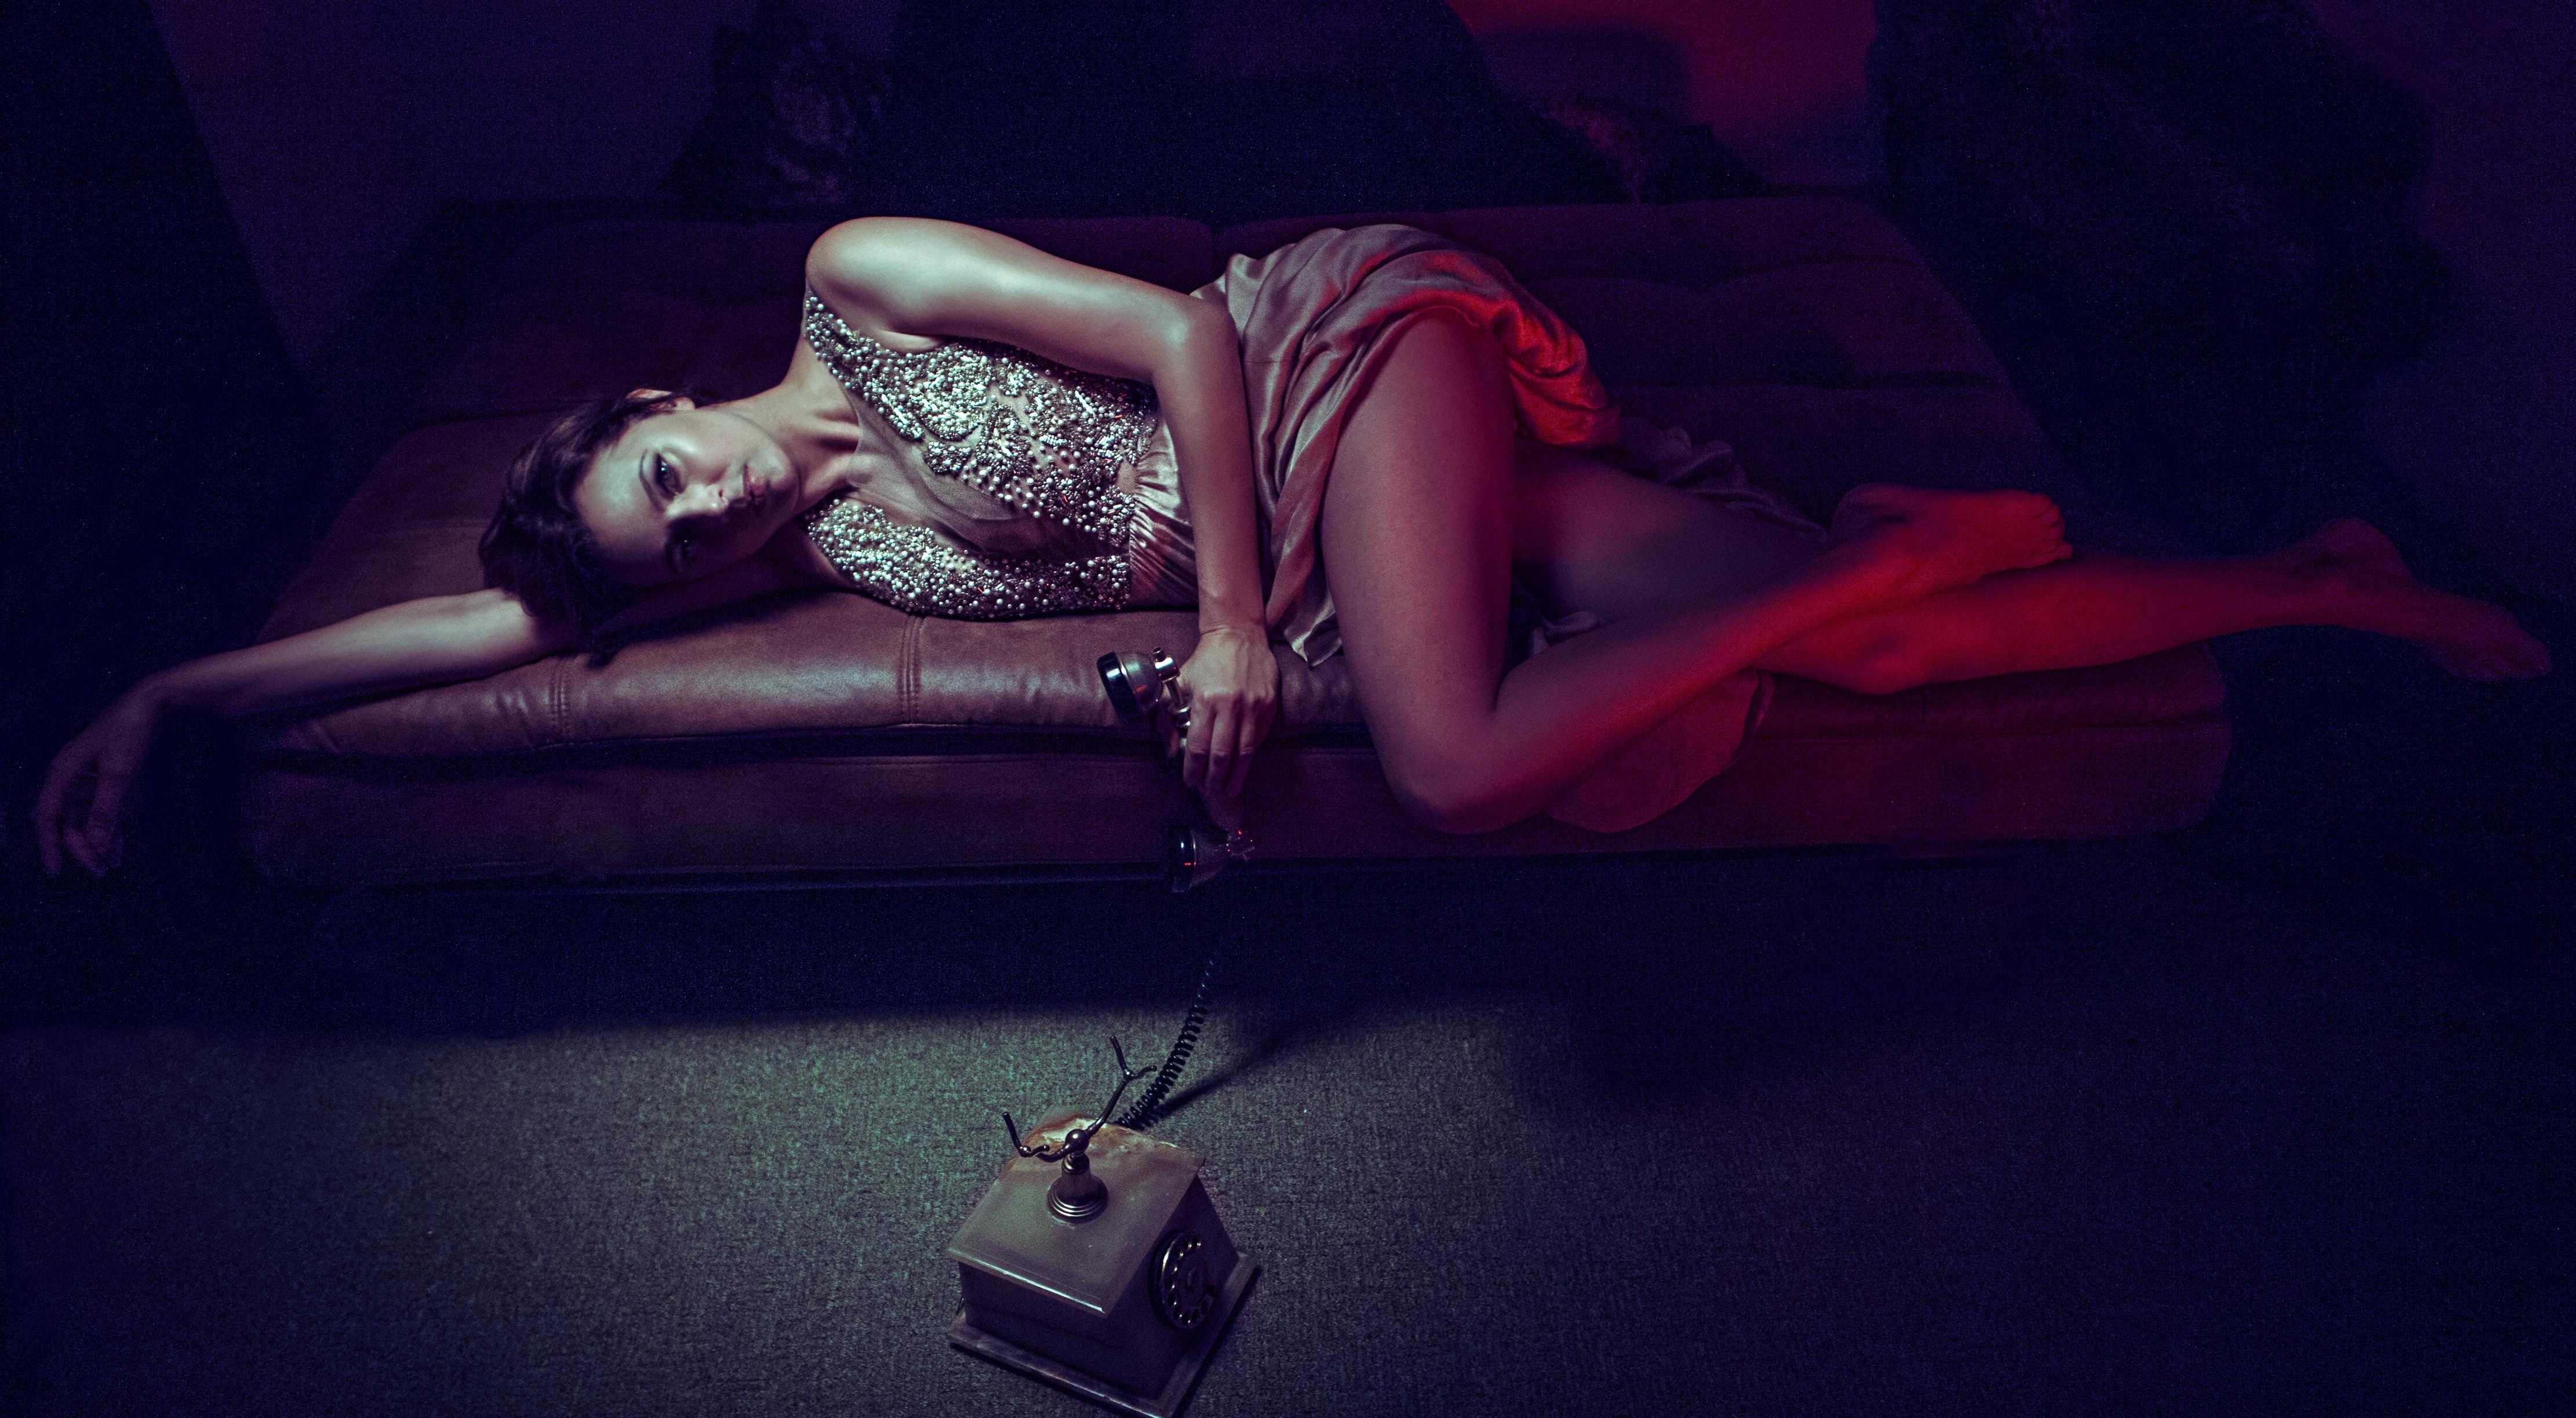 Heather Stewert-Whyte